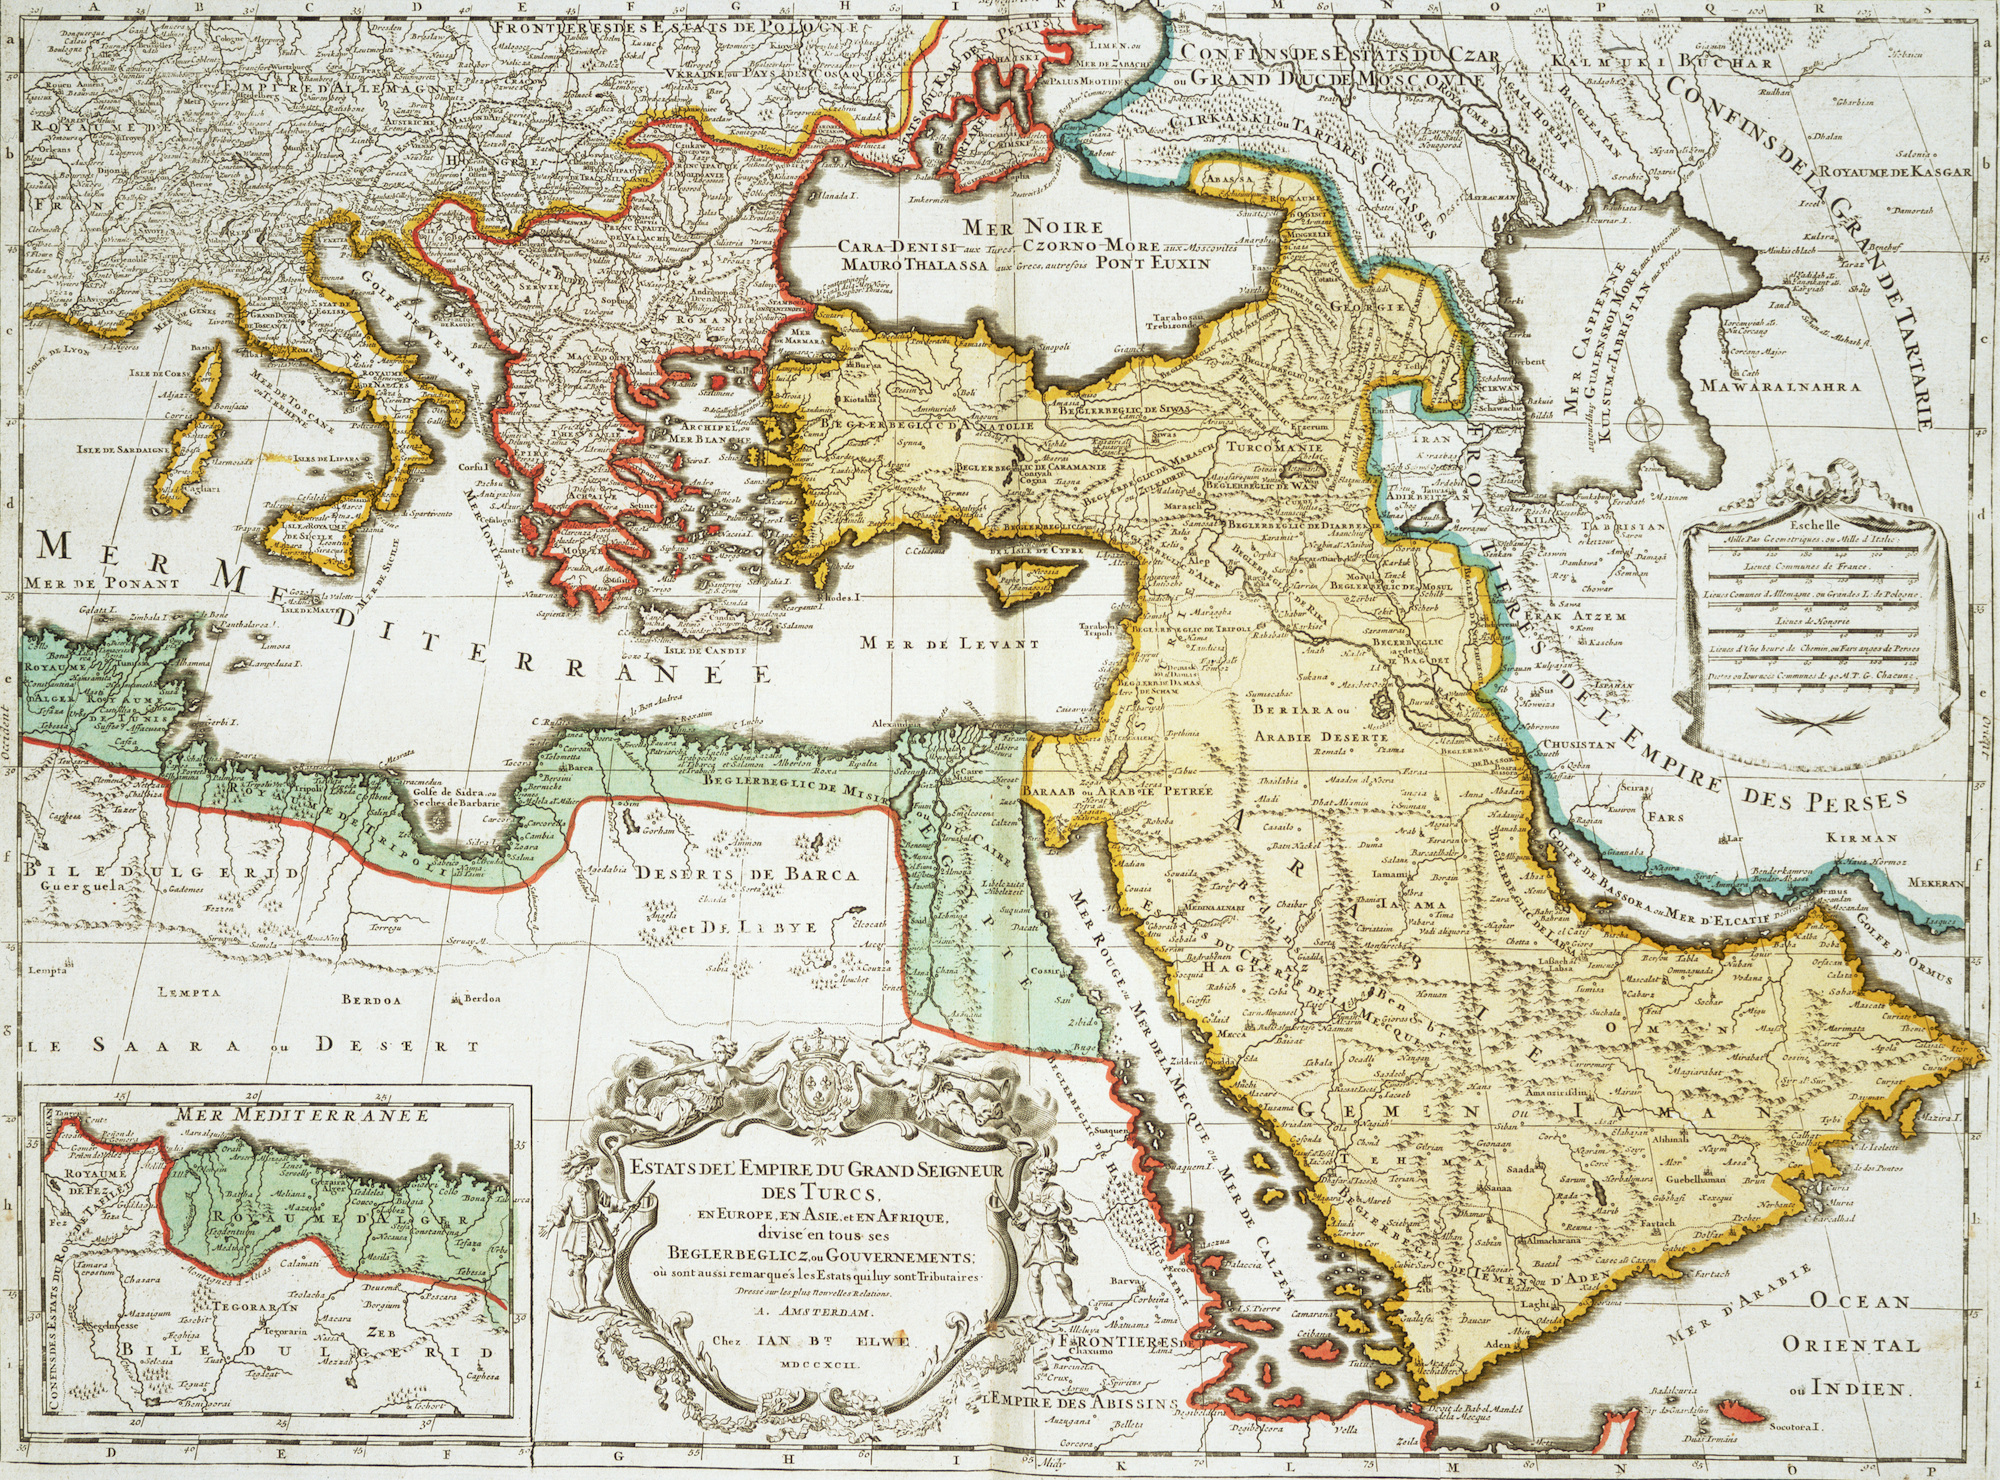 خريطة الدولة العثمانية قبل انهيارها.